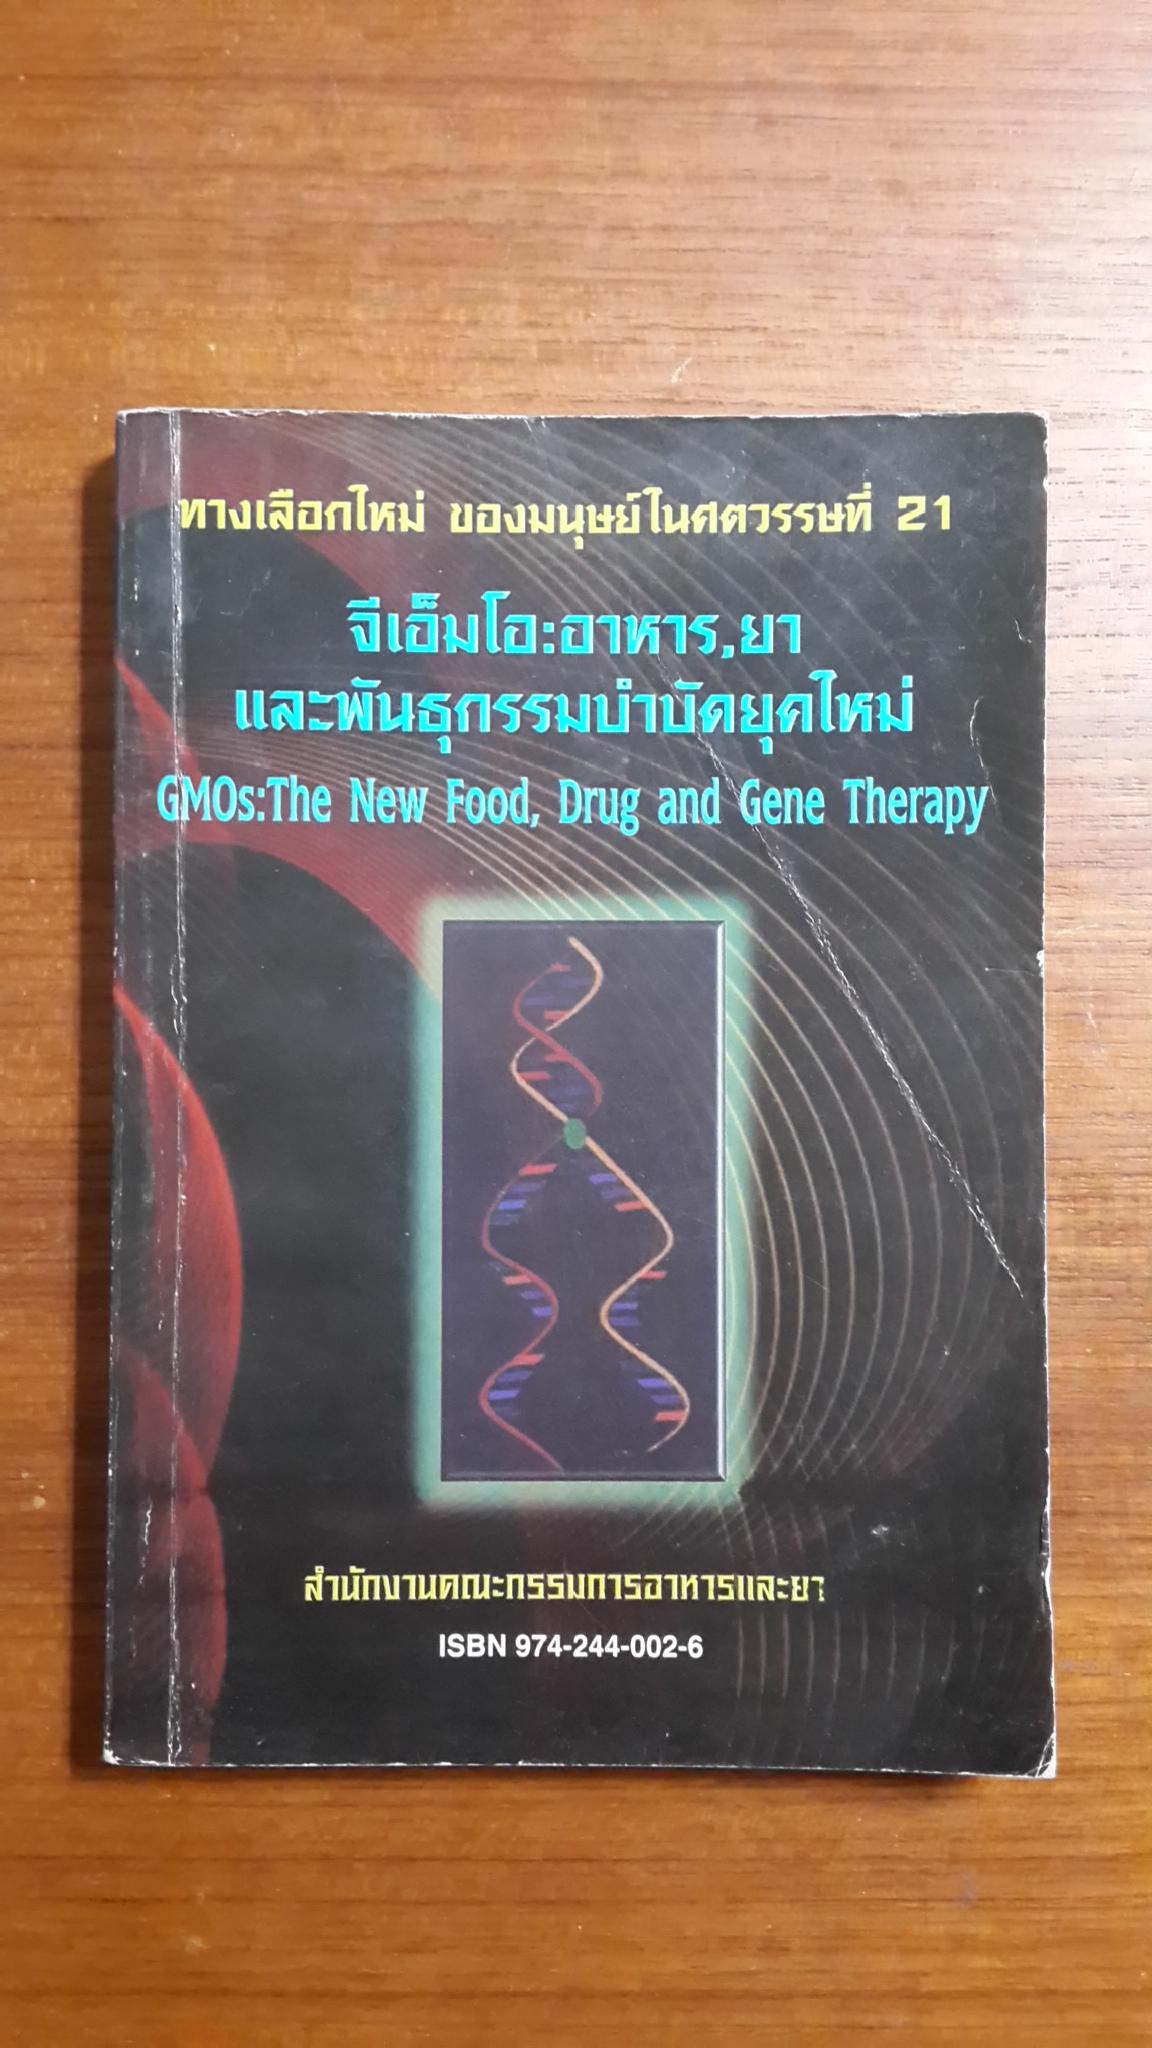 จีเอ็มโอ : อาหาร,ยา และพันธุกรรมบำบัดยุคใหม่ / ประธาน ประเสริฐวิทยาการ